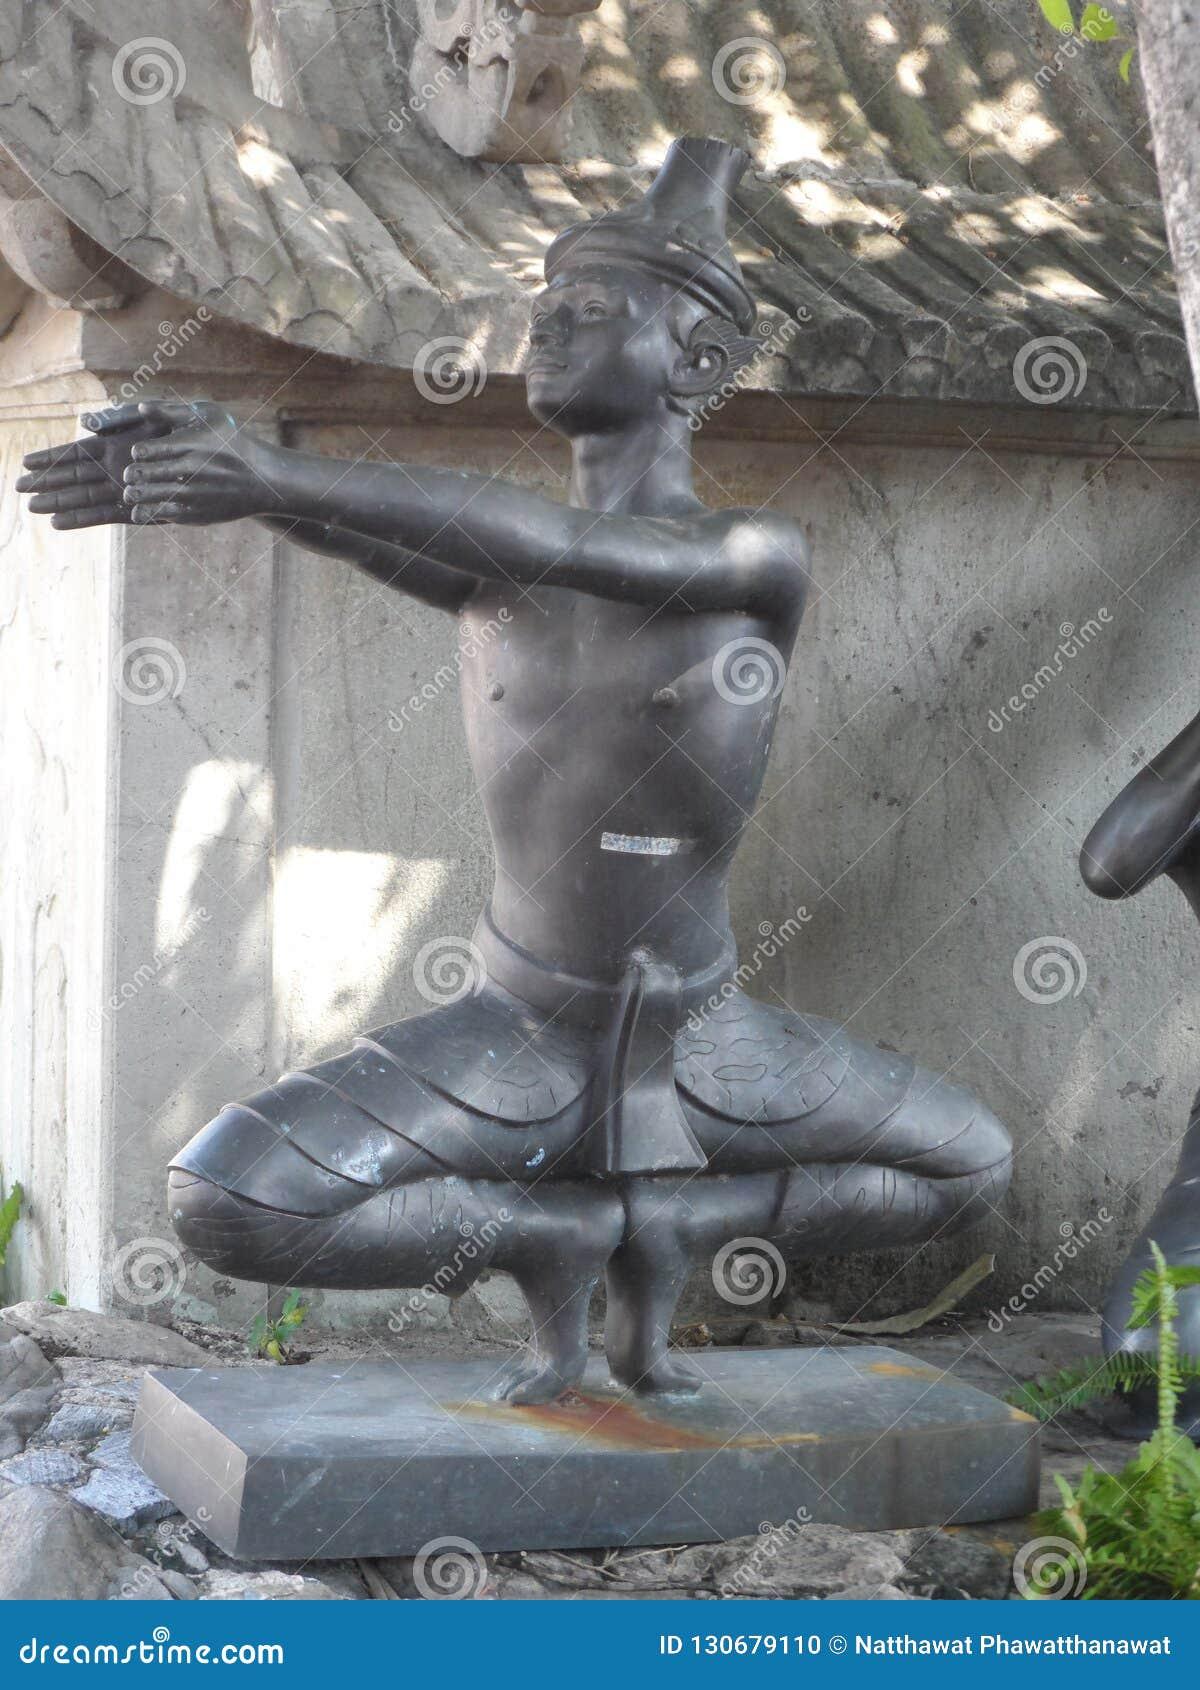 Centro de servicio de Wat Pho Thai Massage School